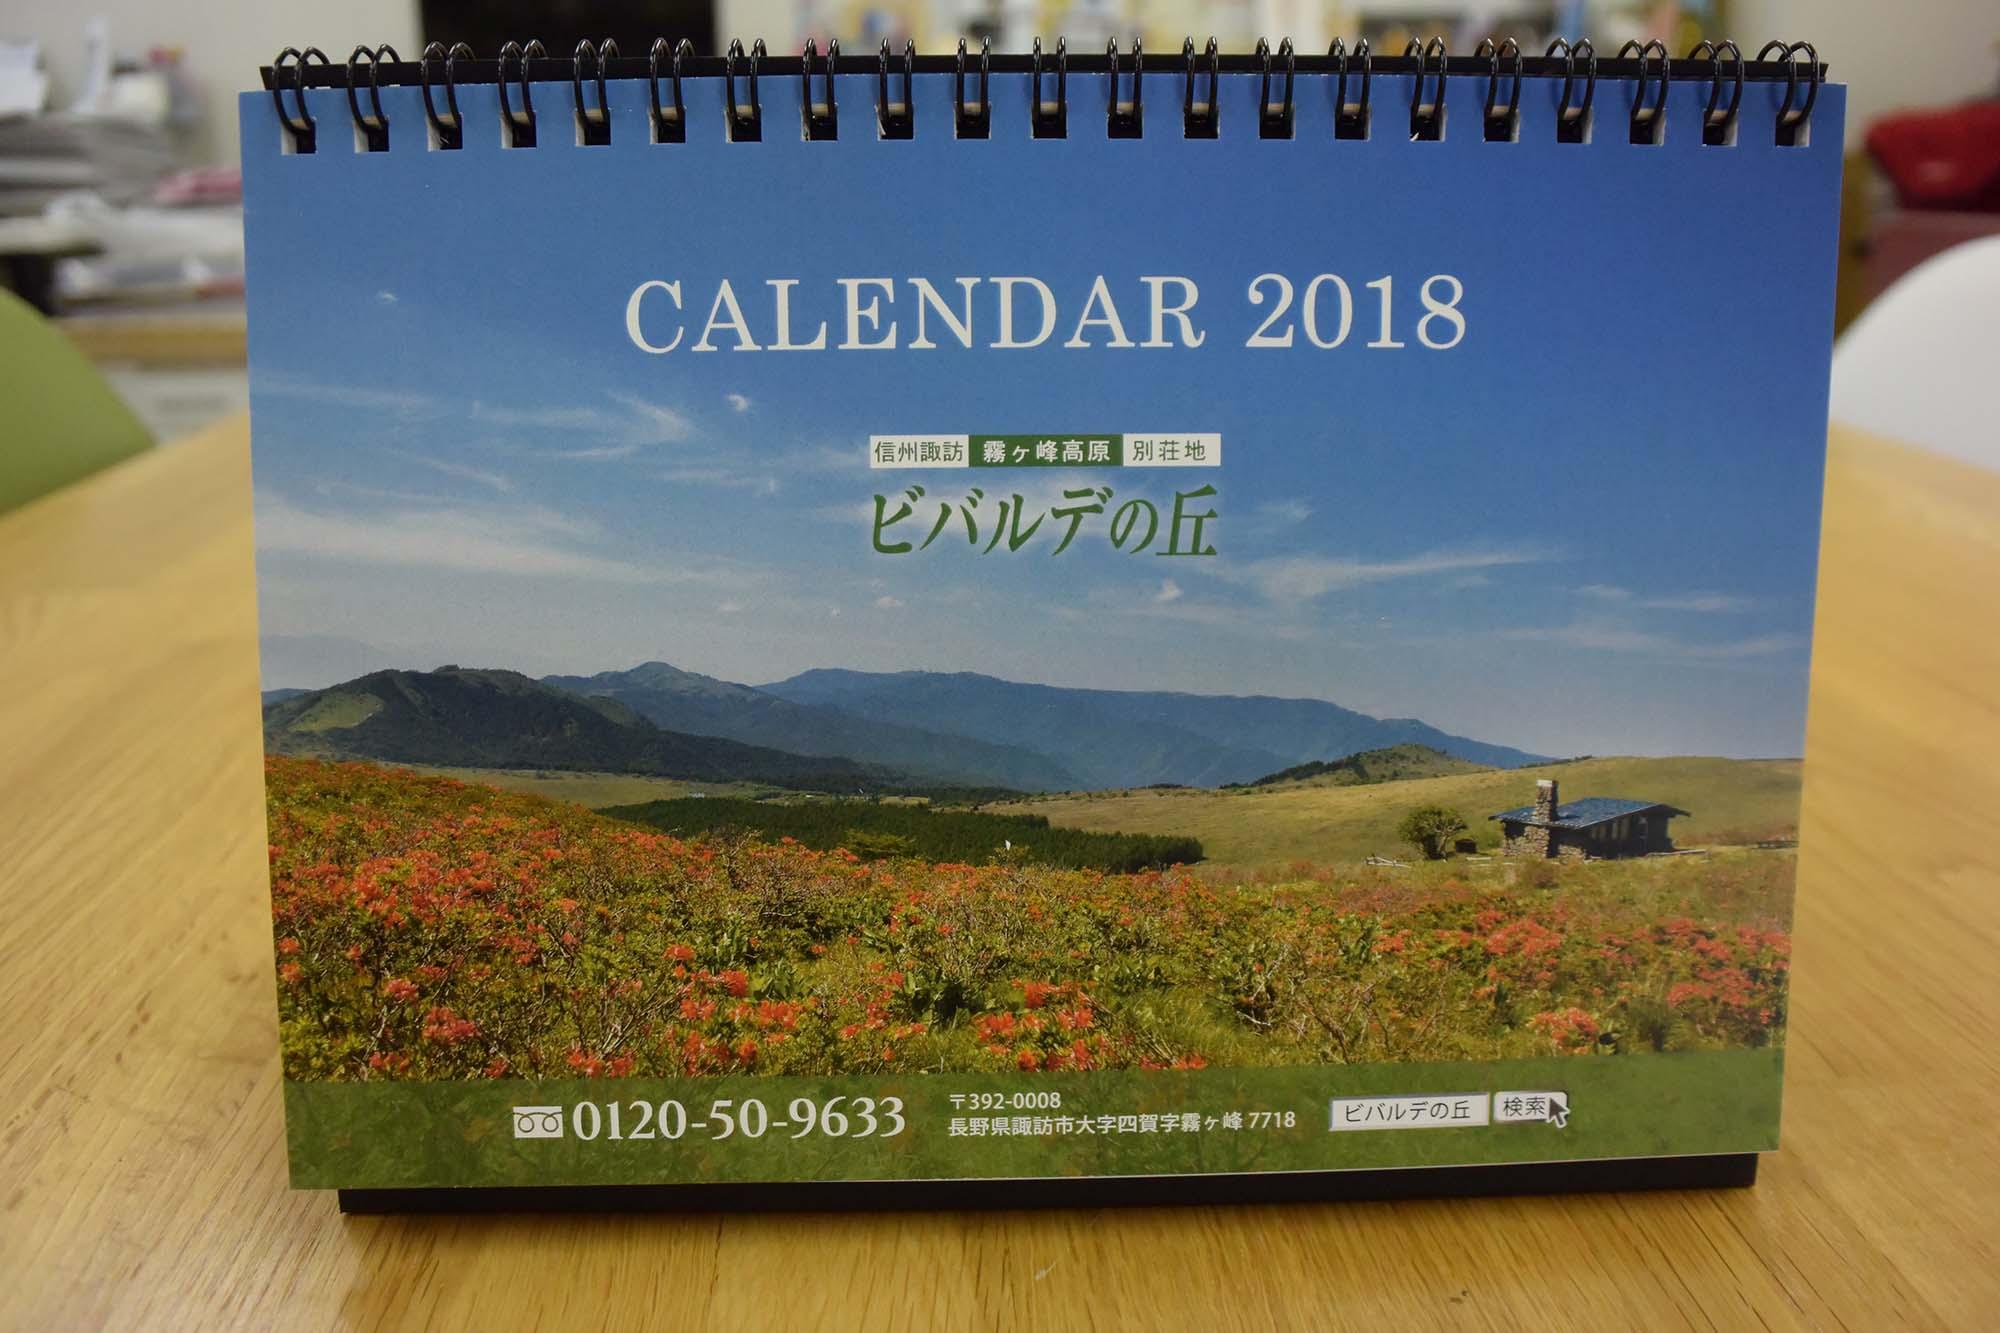 ビバルデの丘様卓上カレンダーできました。